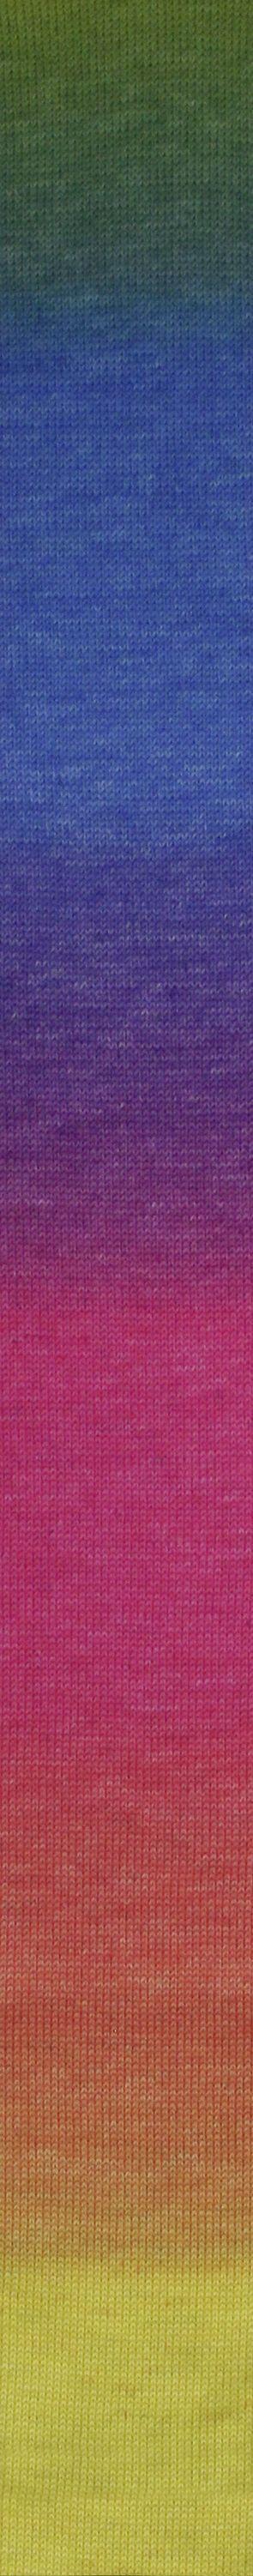 Laine Lang Yarns Super Soxx Cashmere Color 4 ply-Couleur- N° 904.0025